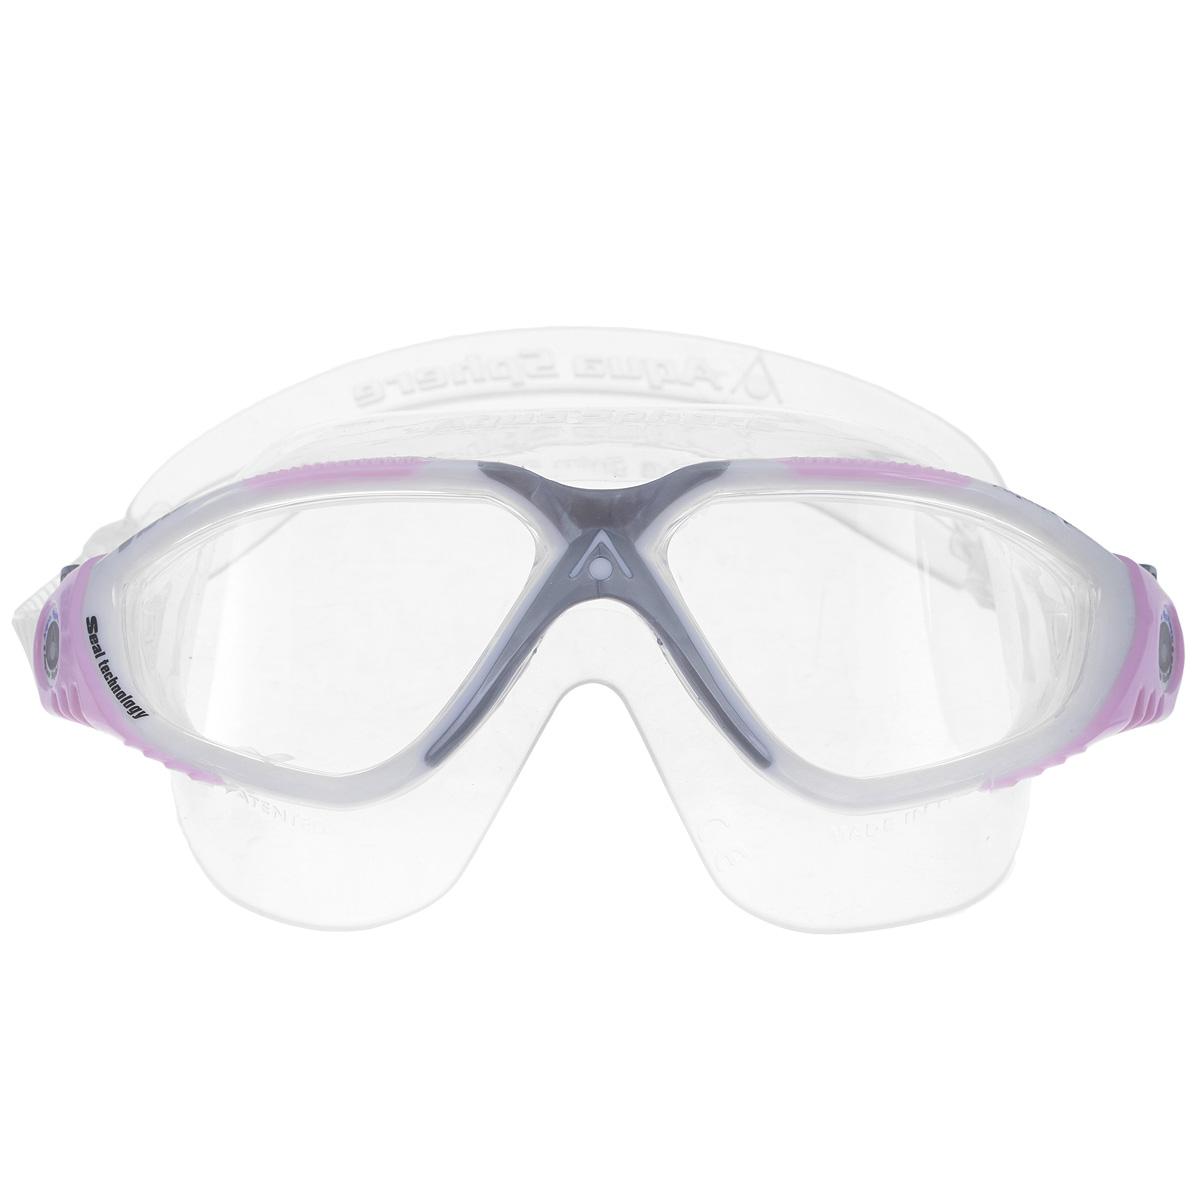 Очки для плавания Aqua Sphere Vista Lady, цвет: белый, розовыйTN 169700Очки Aqua Sphere Vista Lady имеют исключительно малую парусность, что минимизирует вероятность их сползания во время плавания. Кристально прозрачные полукруглые линзы обеспечивают обзор 180°. Очки дают 100% защиту от ультрафиолетового излучения. Специальное покрытие препятствует запотеванию стекол. Материал: силикон, plexisol.